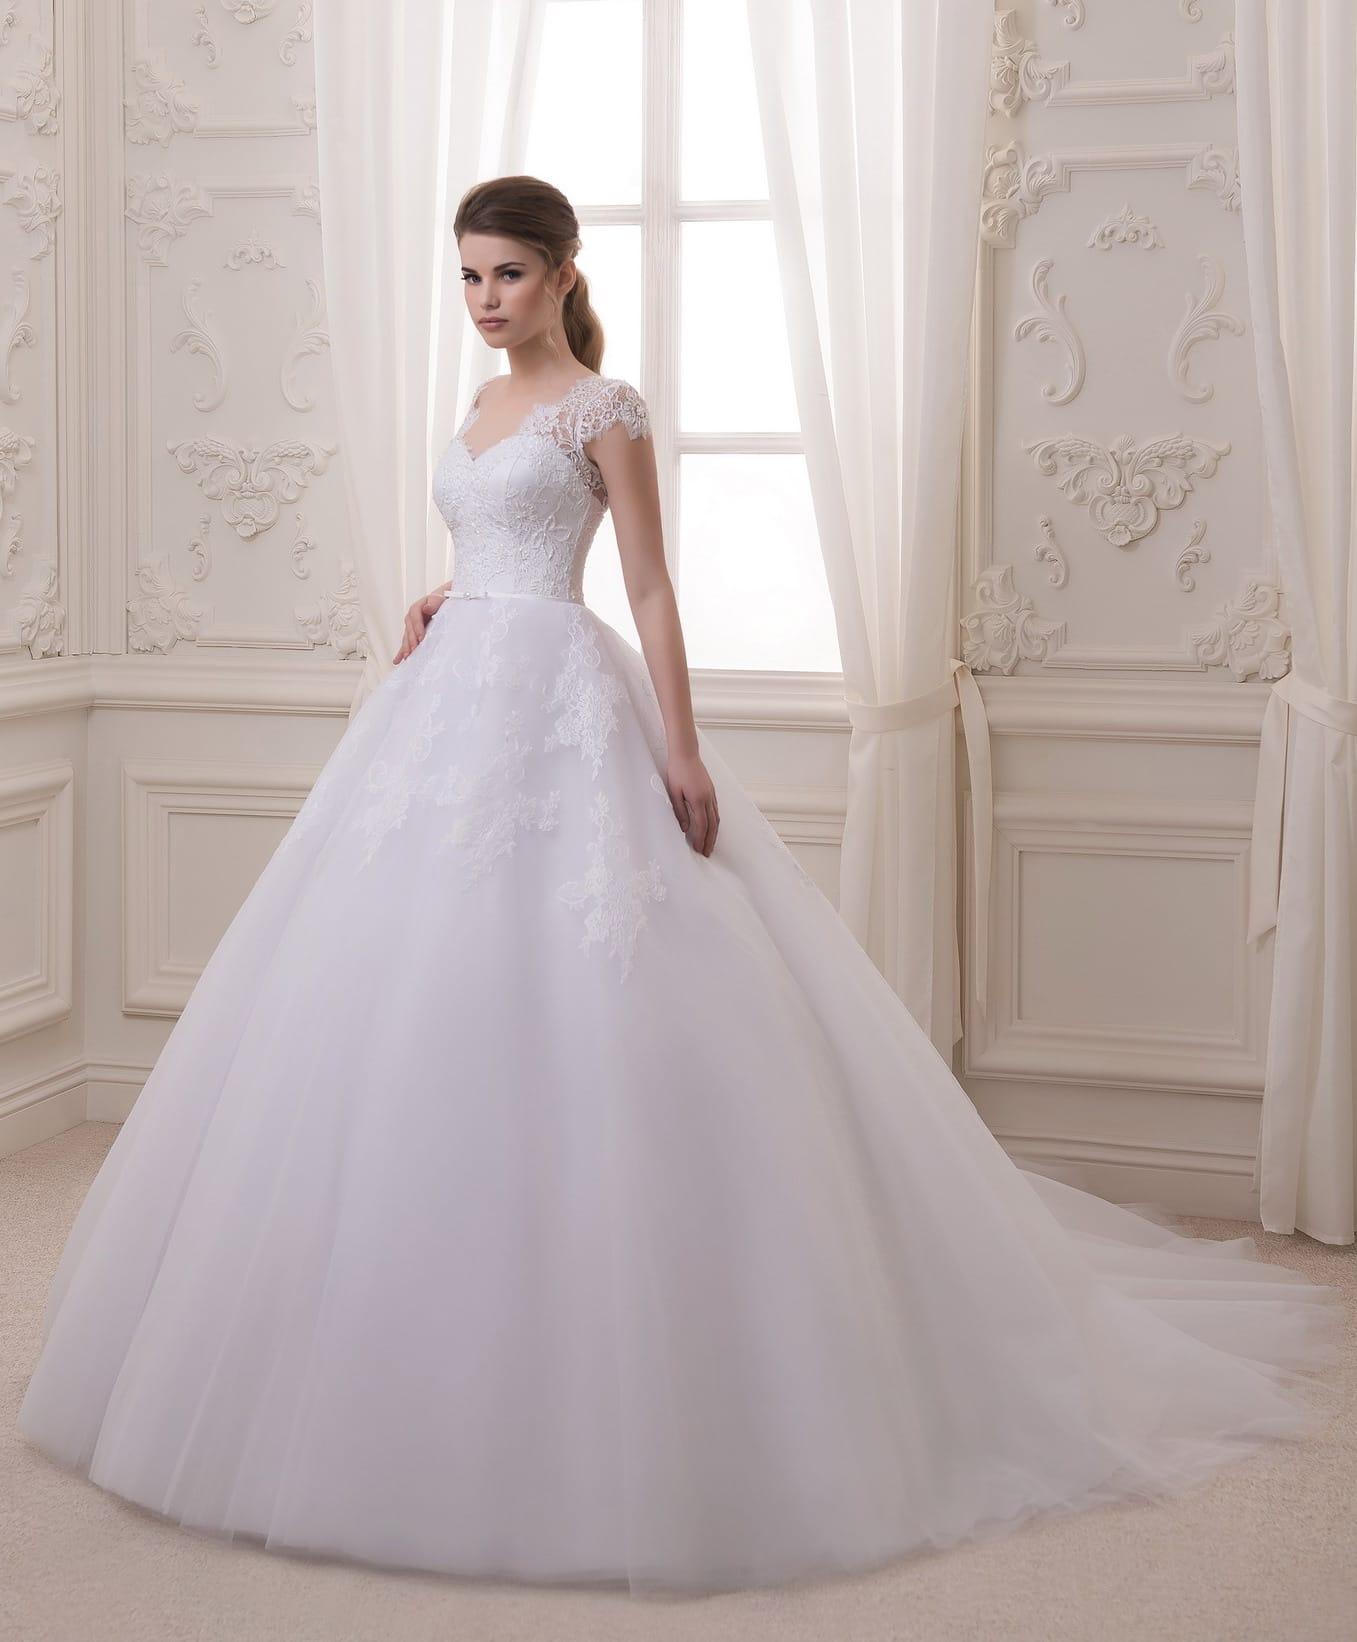 Ren sposa cerimonia accessori vendita online for Vendita on line accessori cucina